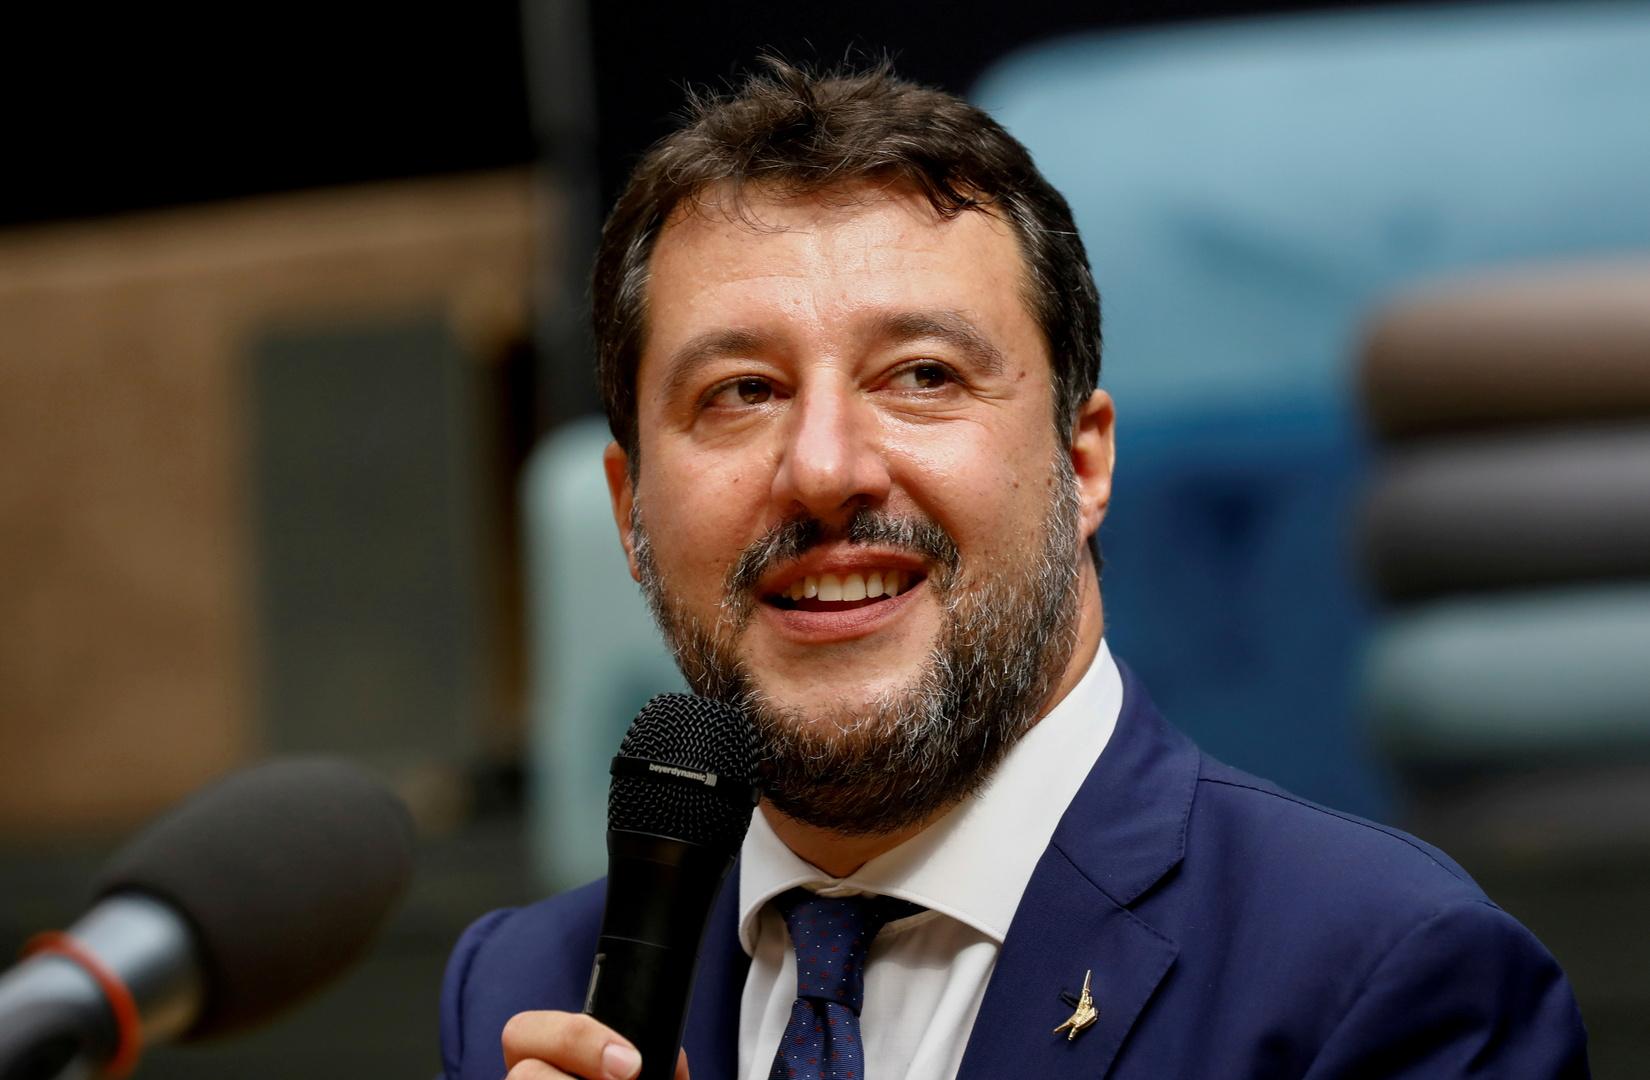 زعيم حزب الرابطة الإيطالي، ماتيو سالفيني